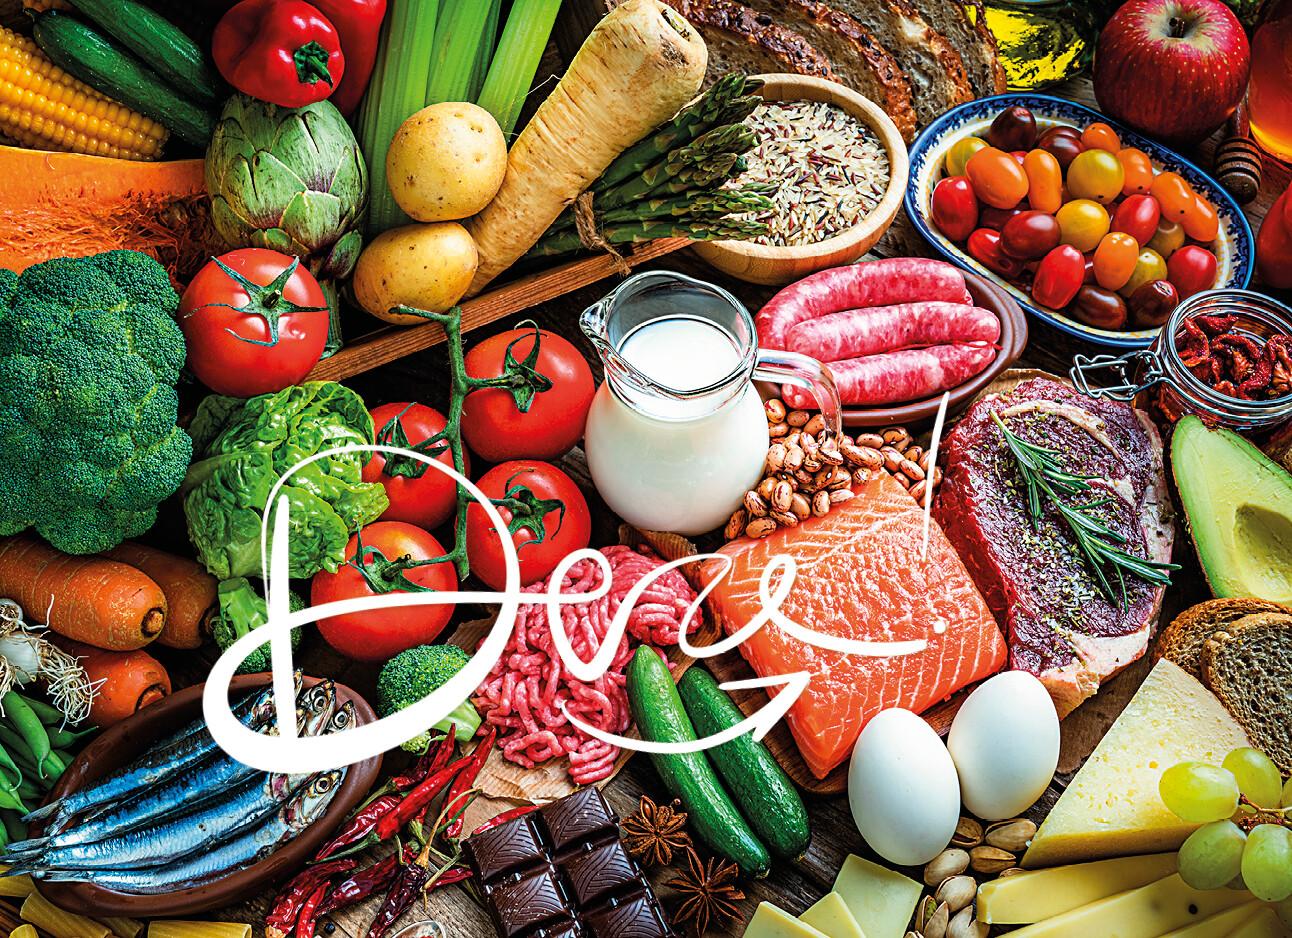 groente fruit zalm vis vlees